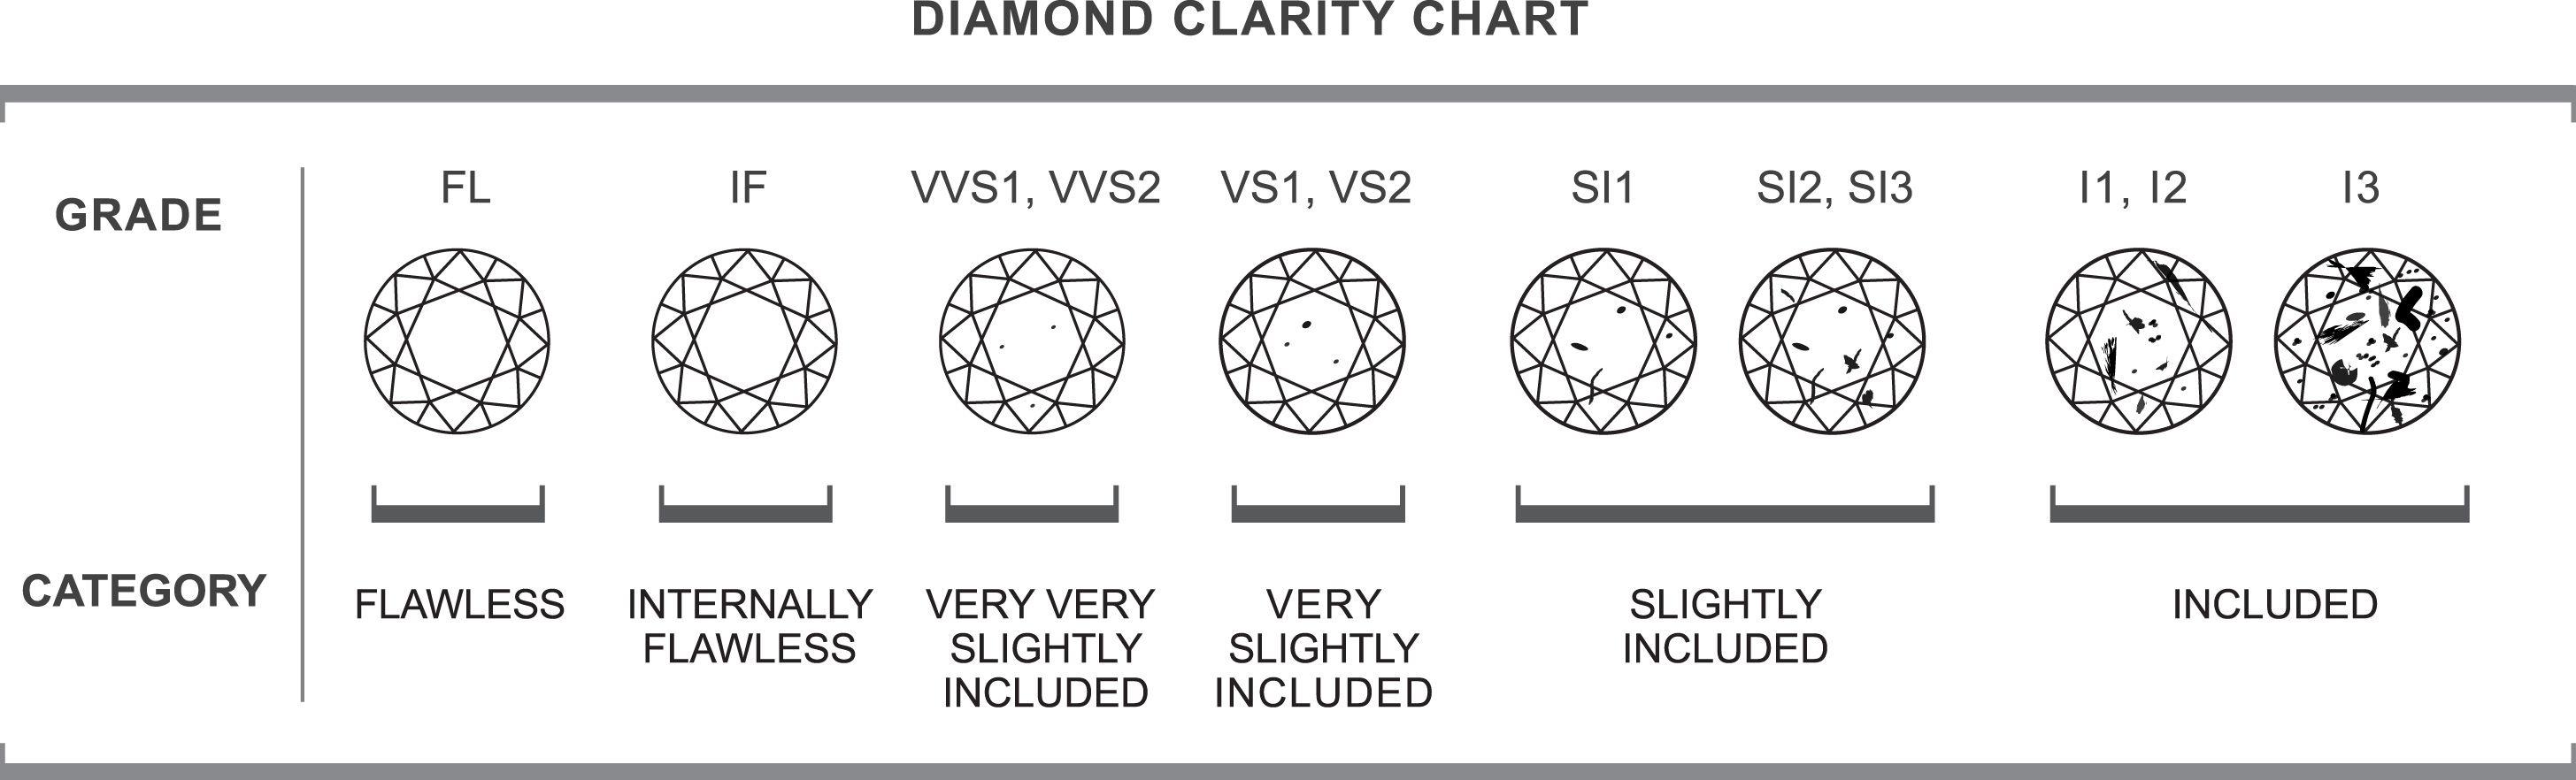 Diamond Clarity  Charts    Diamond Clarity